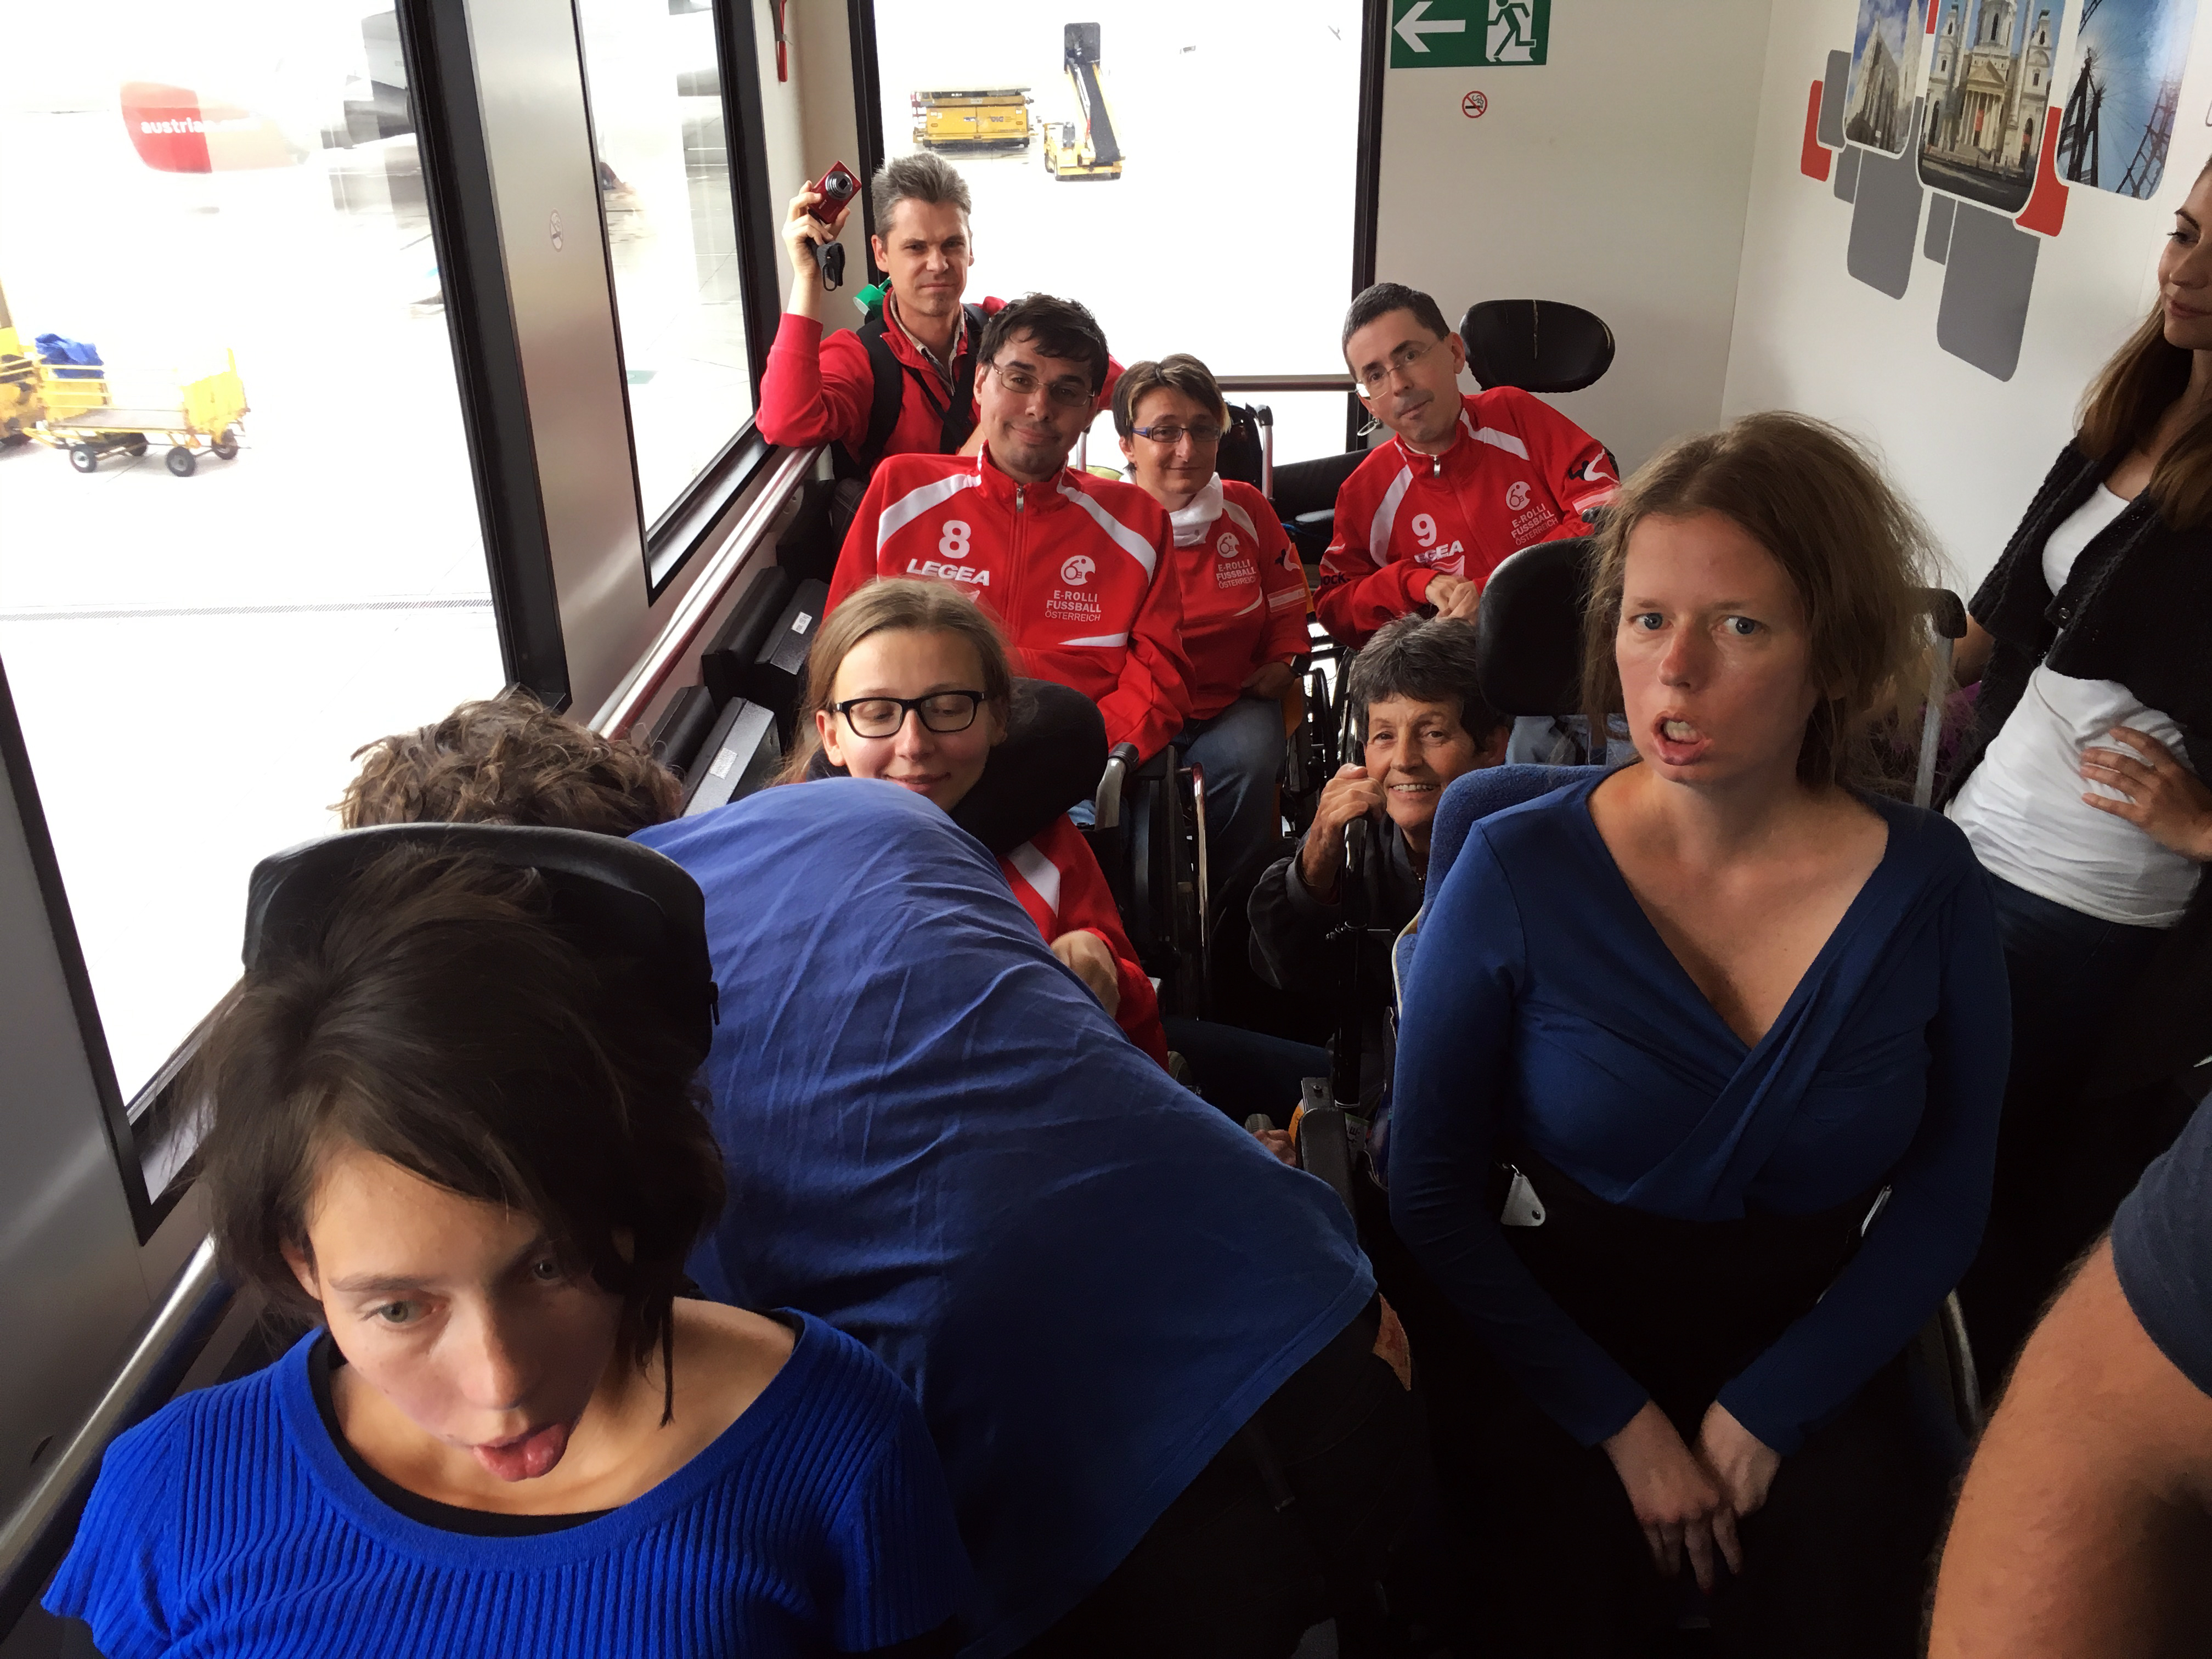 Teile unseres Teams im Rollstuhlbus vom Flughaben Wien Schwechat / Foto: Leo Vasile